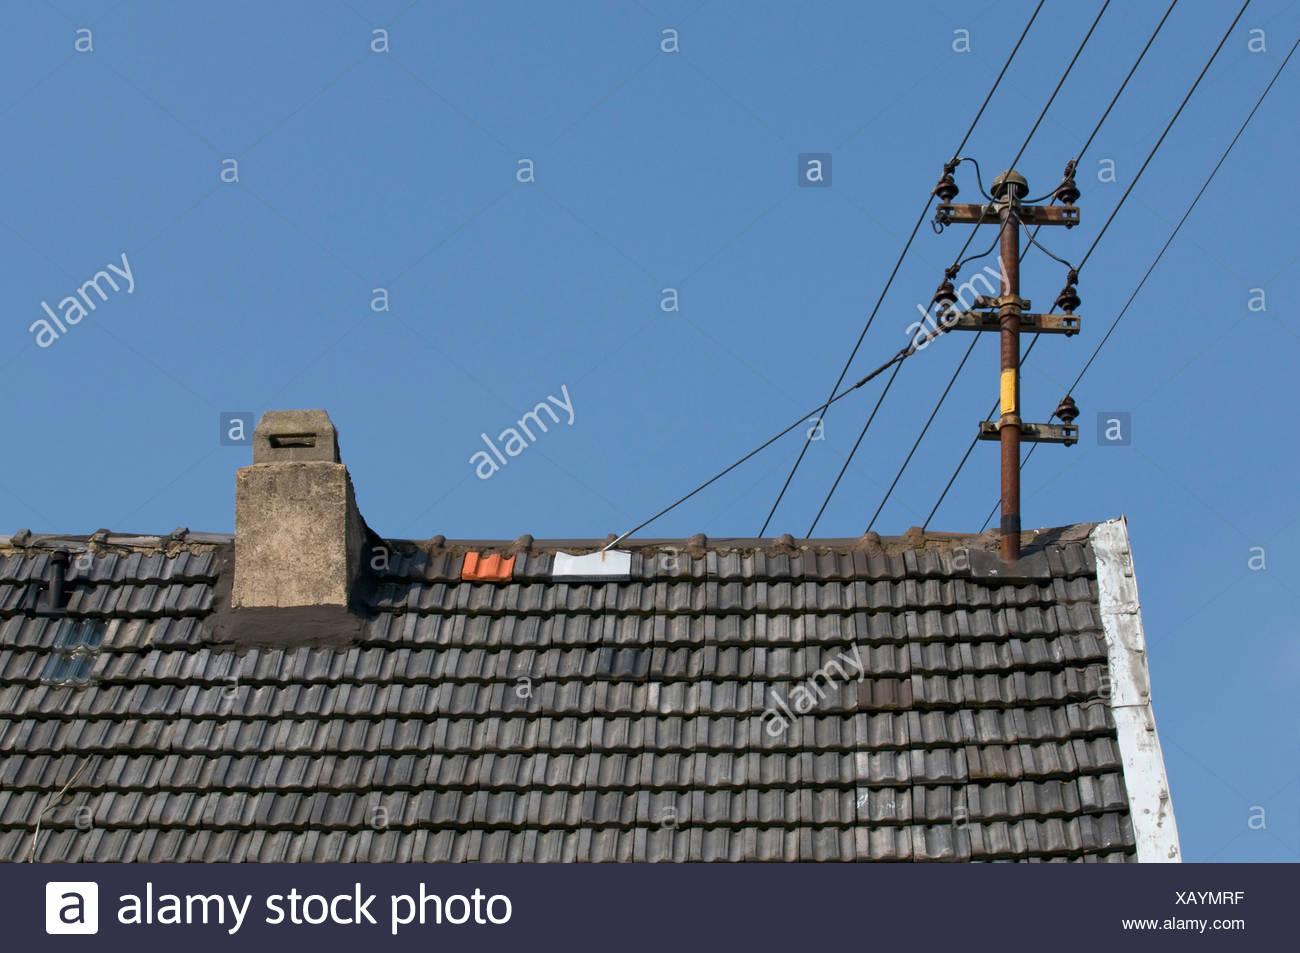 Vecchie linee elettriche con isolatori ceramici sul tetto Immagini Stock